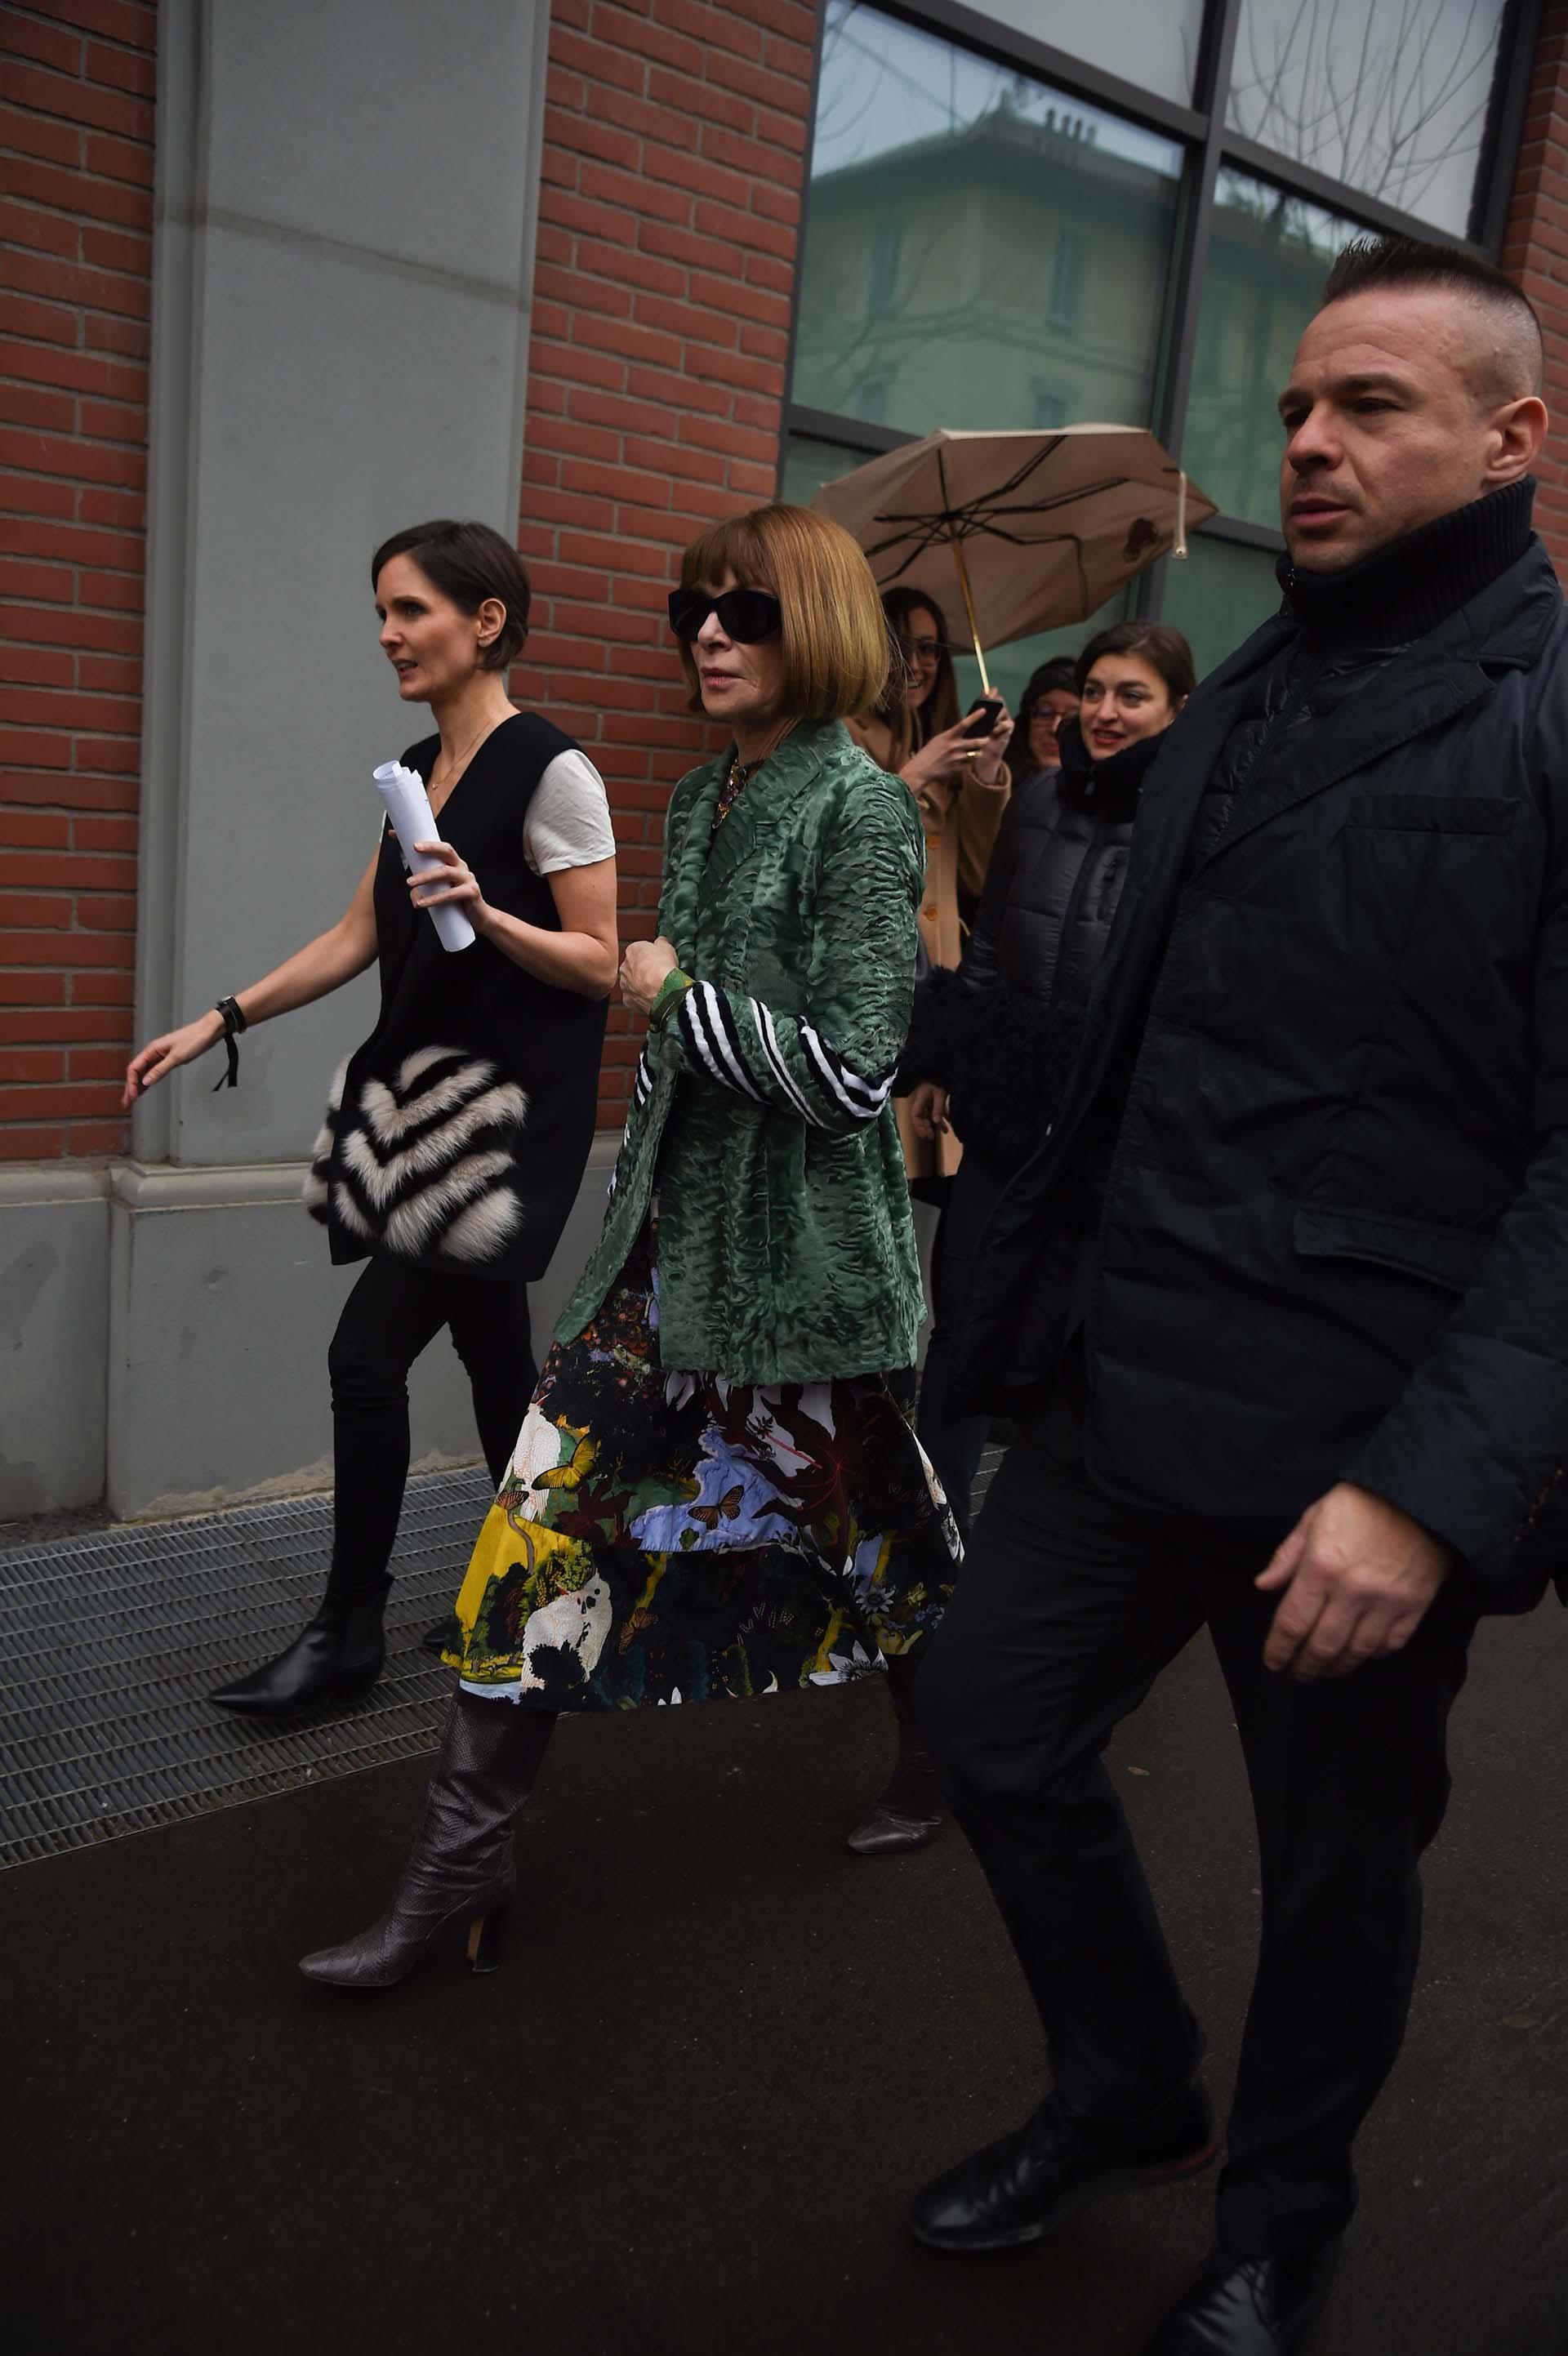 La editora de Vogue Us, camino al evento de Fendi en Milán, una de las citass más glamorosas. Su presencia convulsiona a la industria